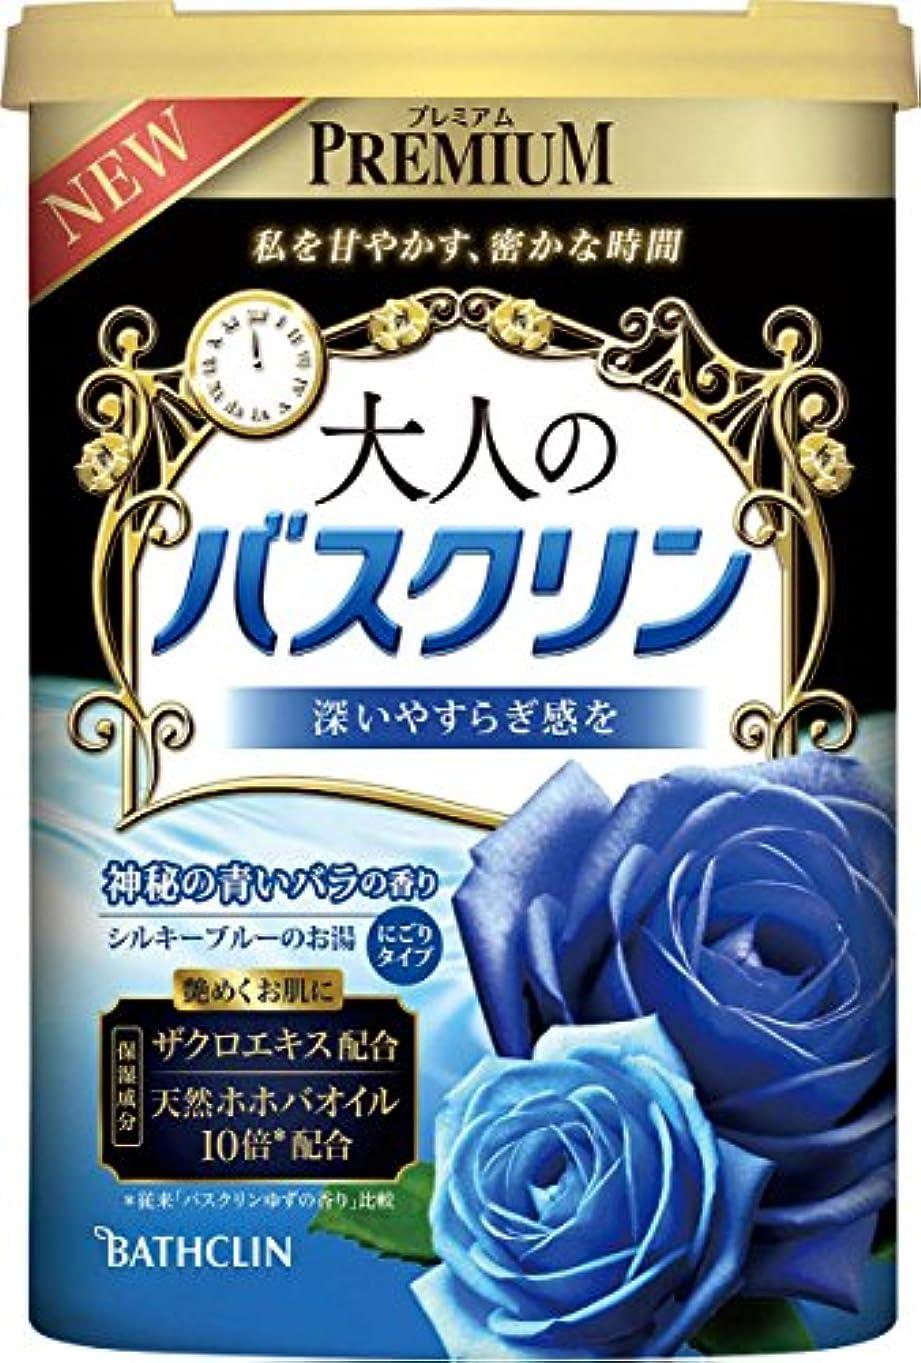 またはどちらか硬化する大洪水大人のバスクリン 神秘の青いバラの香り 600g入浴剤